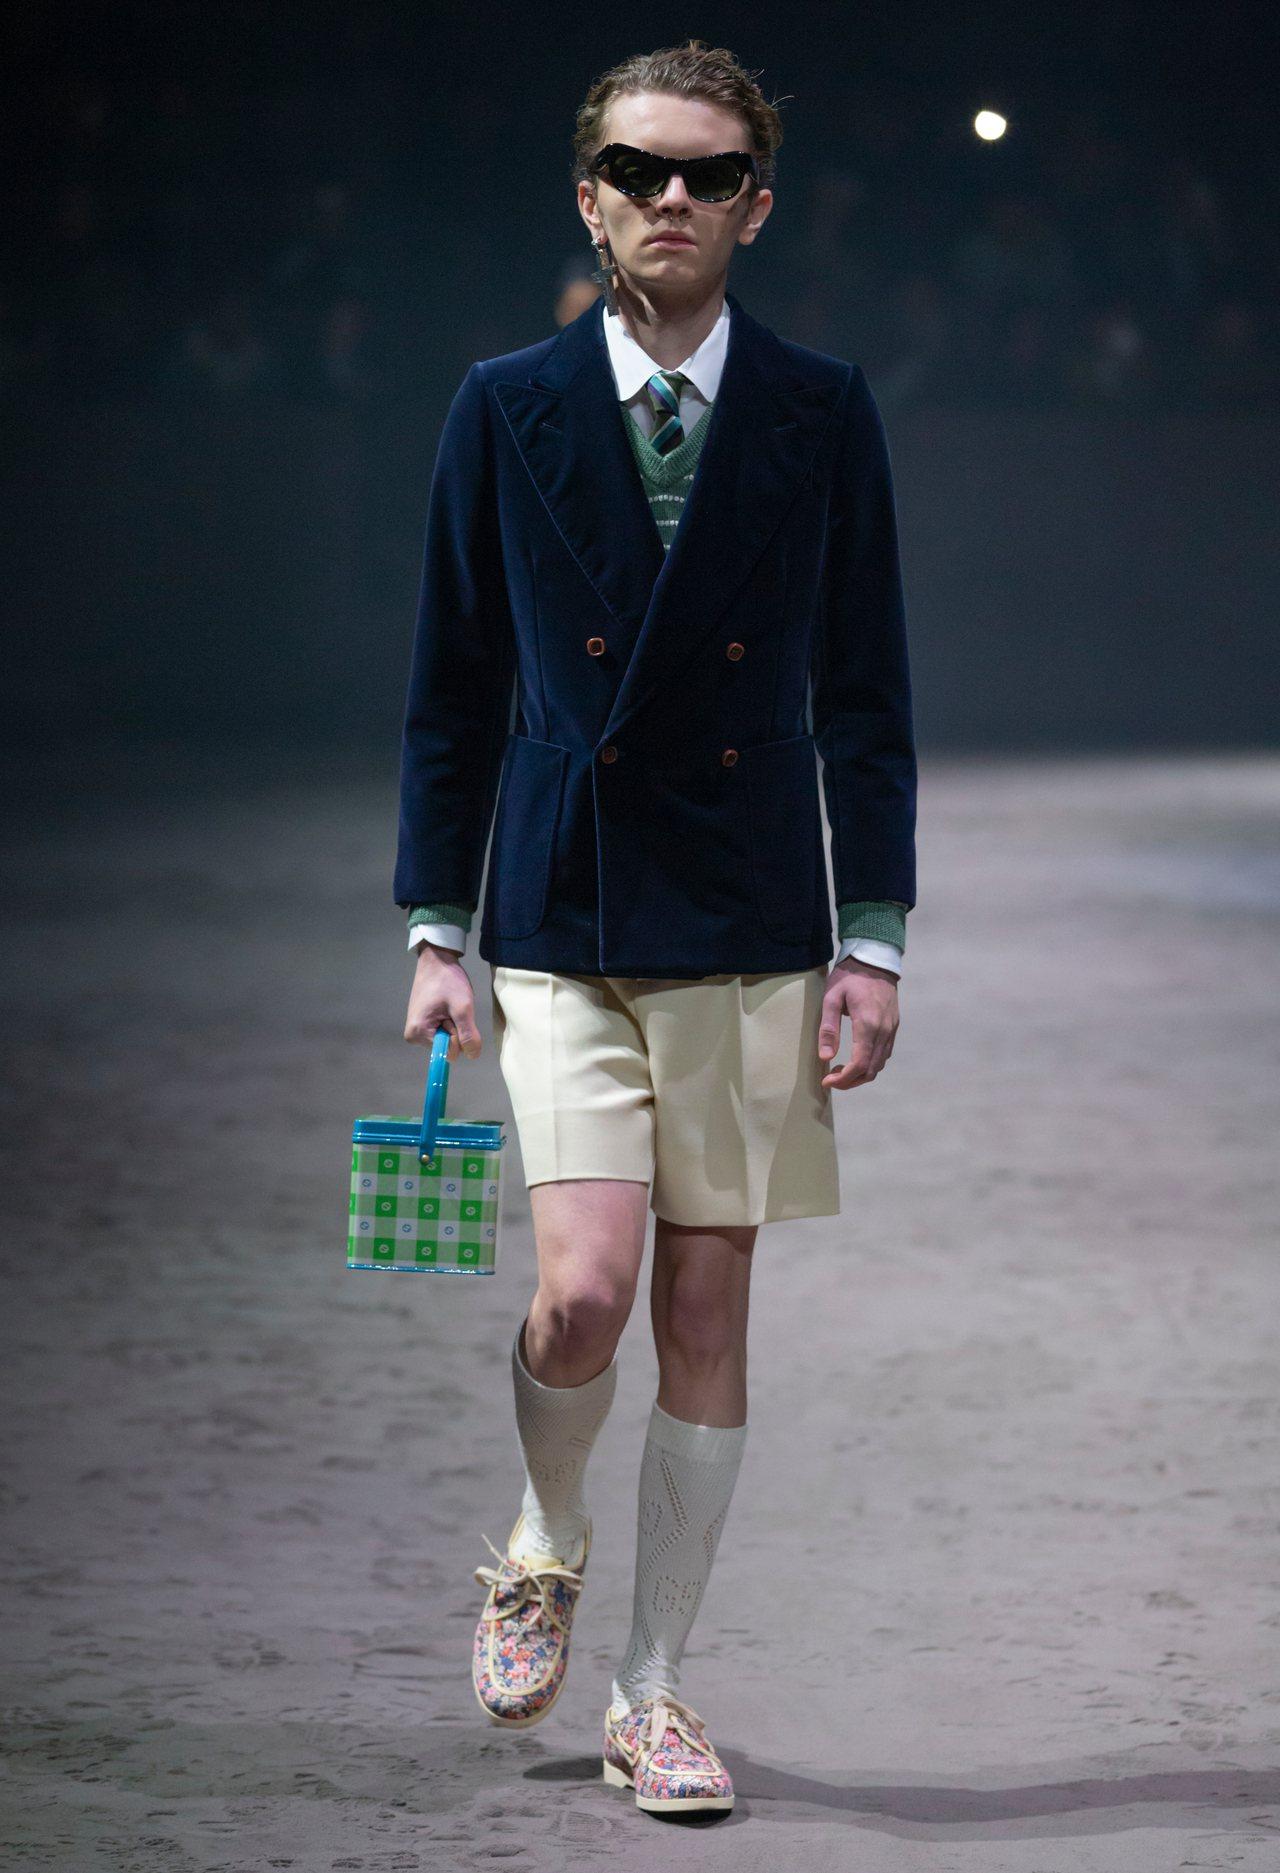 學生時代常穿的半統襪也是本季很常見的搭配。圖/Gucci提供